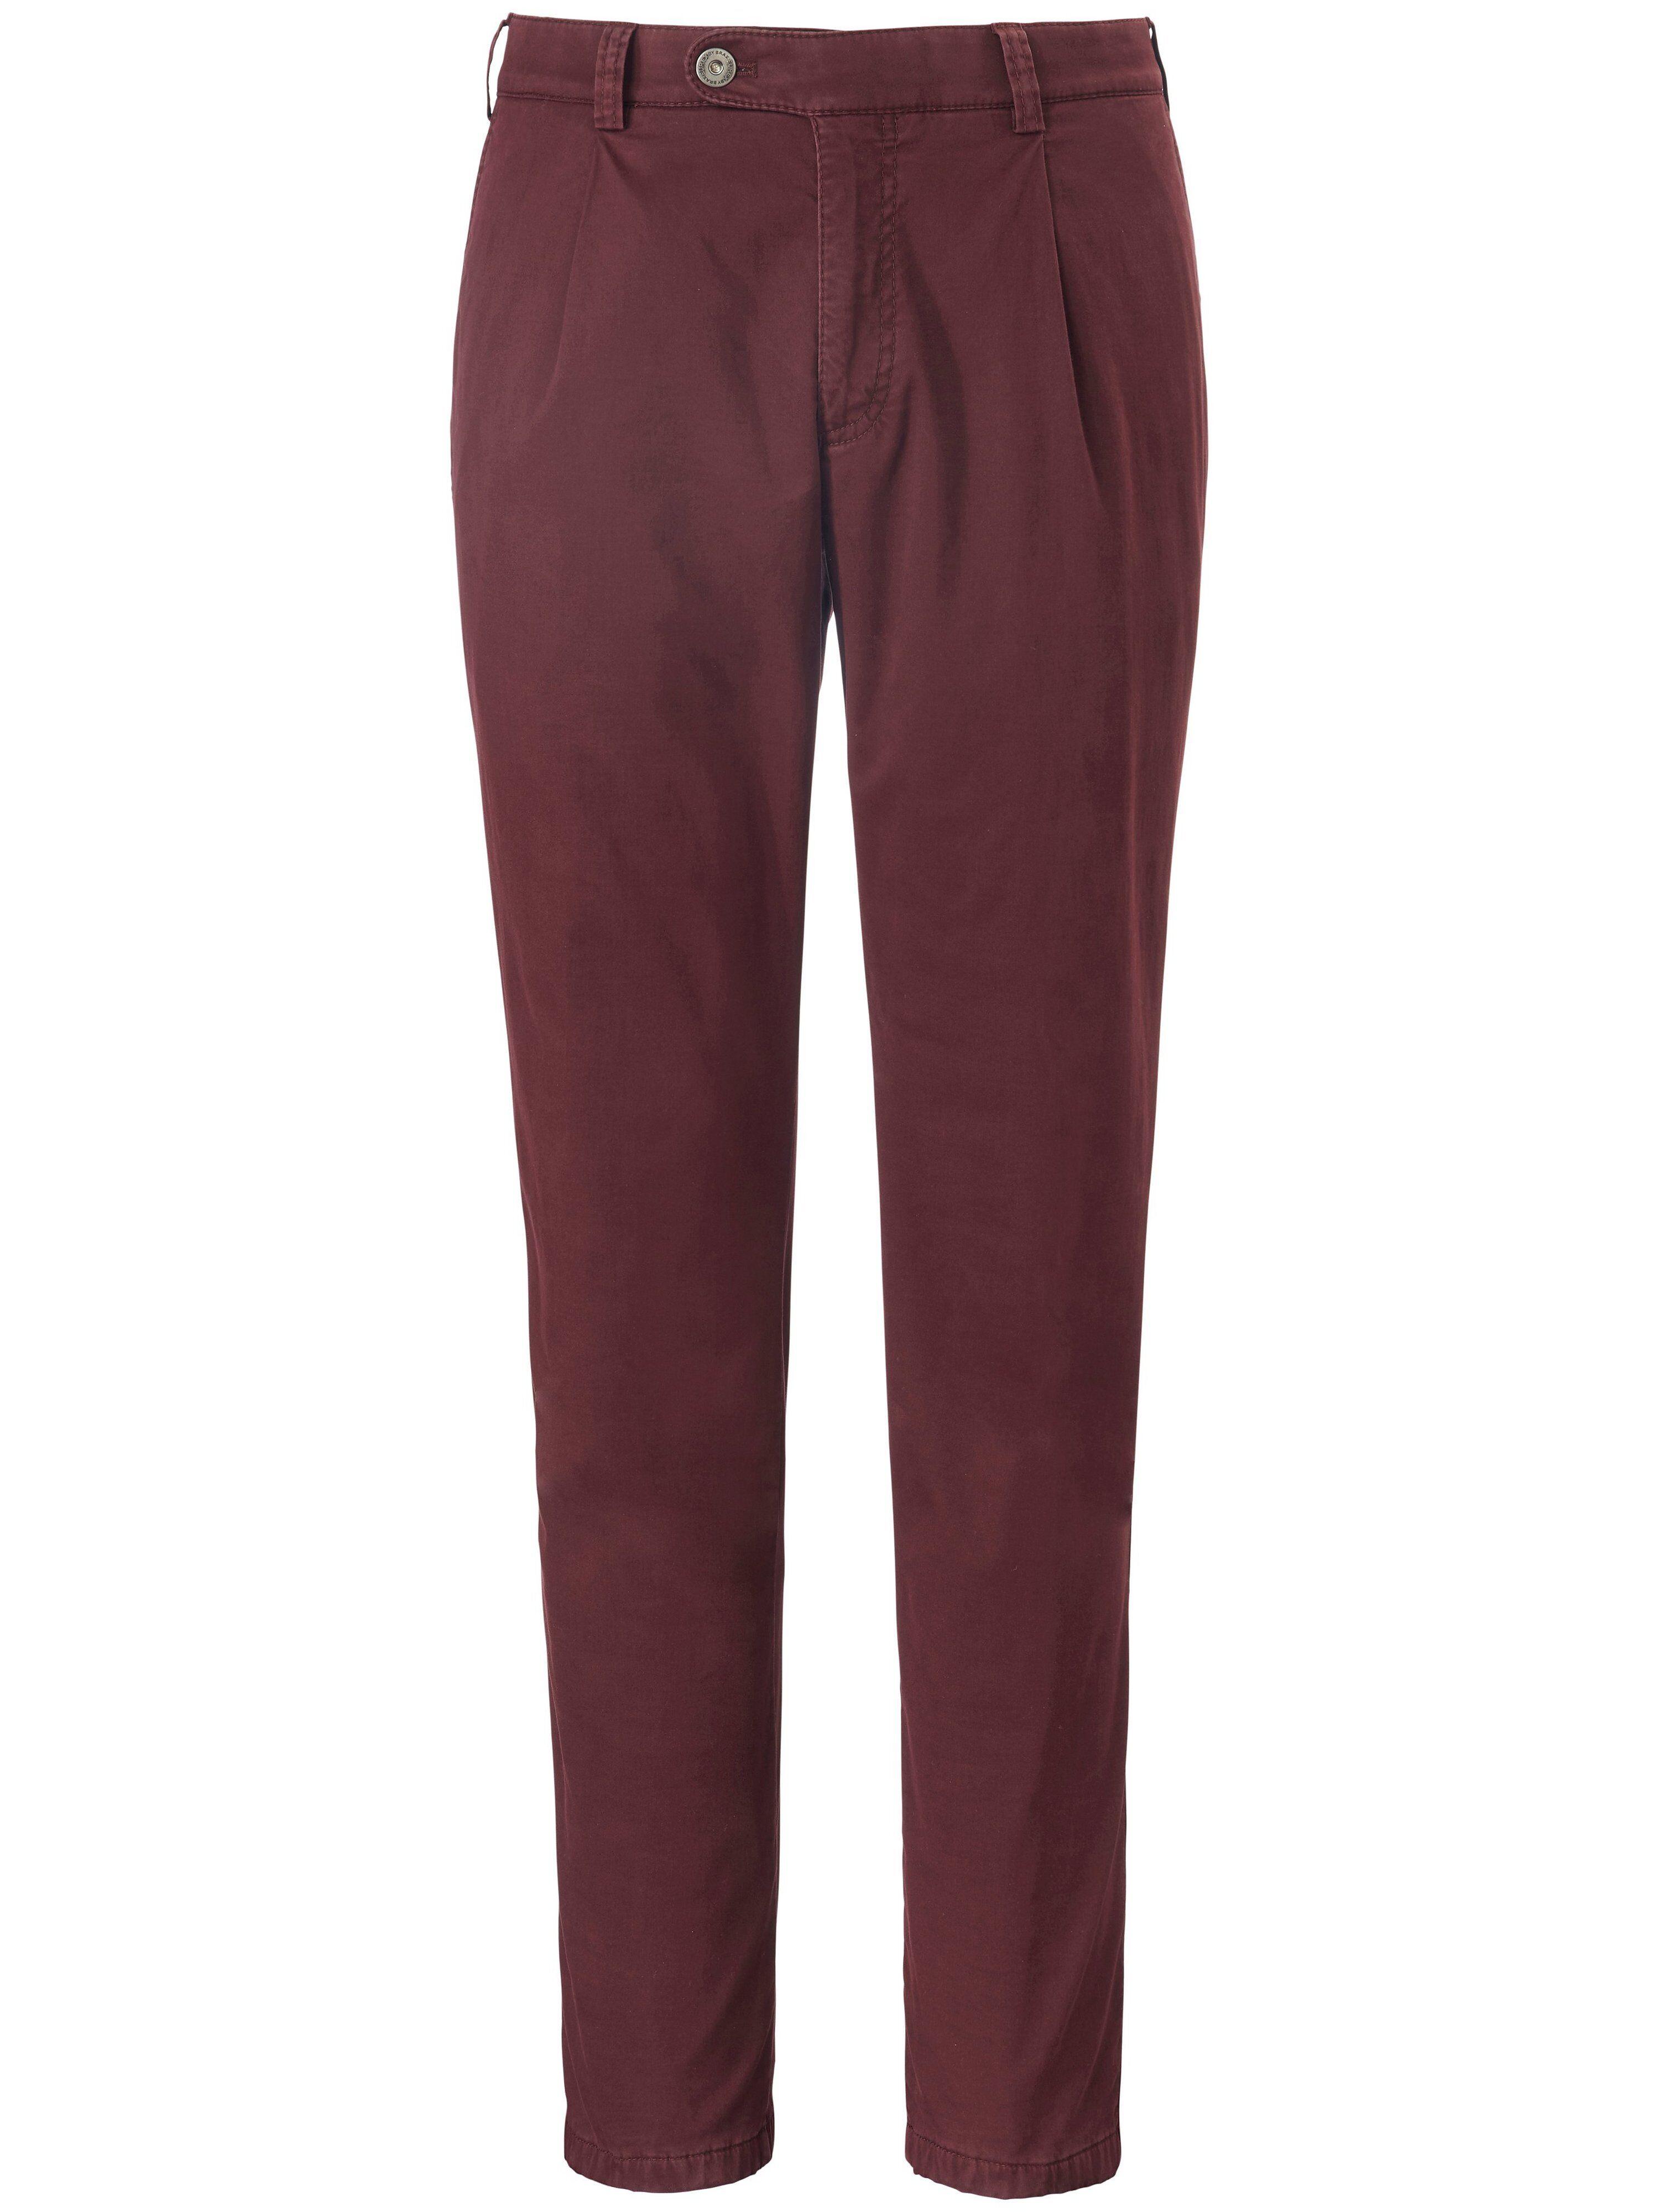 Brax La pantalon chaud à pinces modèle Luis  Eurex by Brax rouge  - Homme - 25